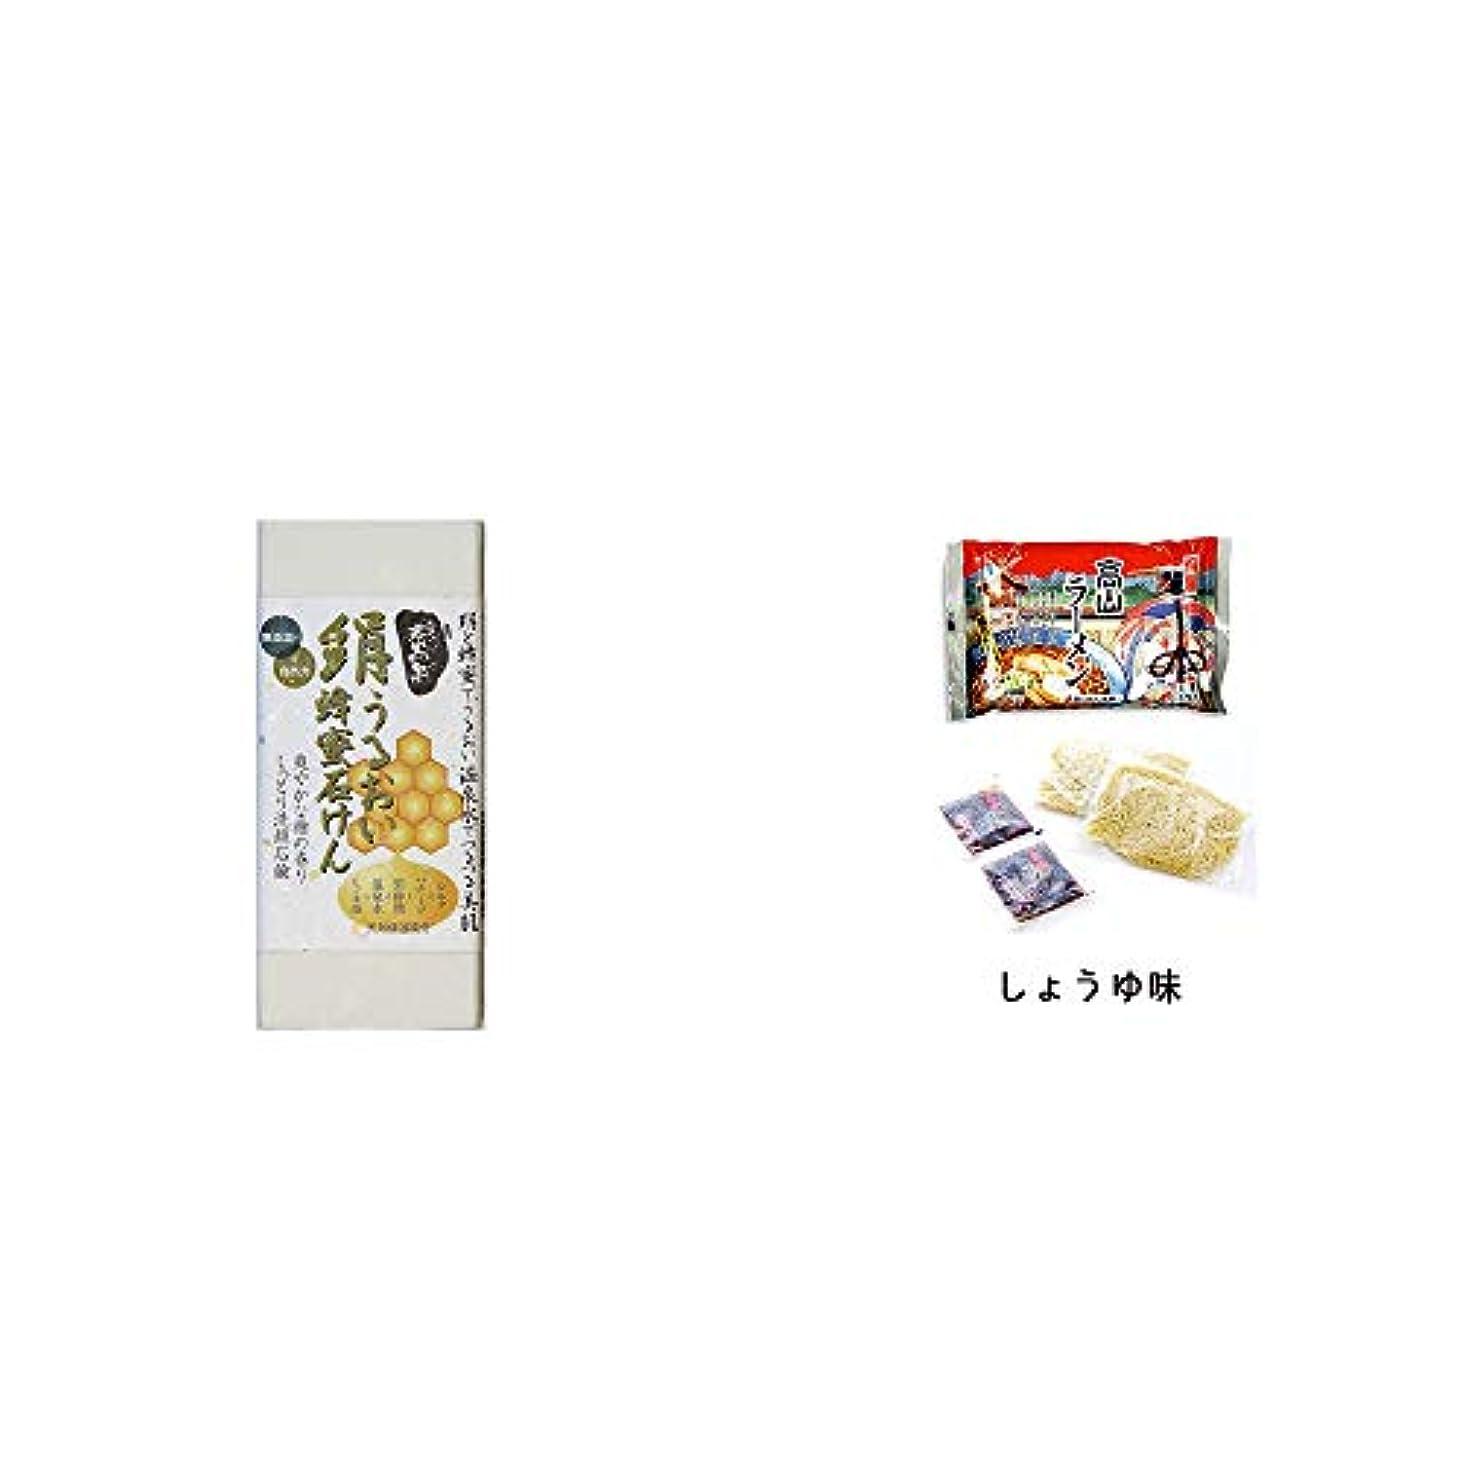 はぁ気づく自明[2点セット] ひのき炭黒泉 絹うるおい蜂蜜石けん(75g×2)?飛騨高山ラーメン[生麺?スープ付 (しょうゆ味)]